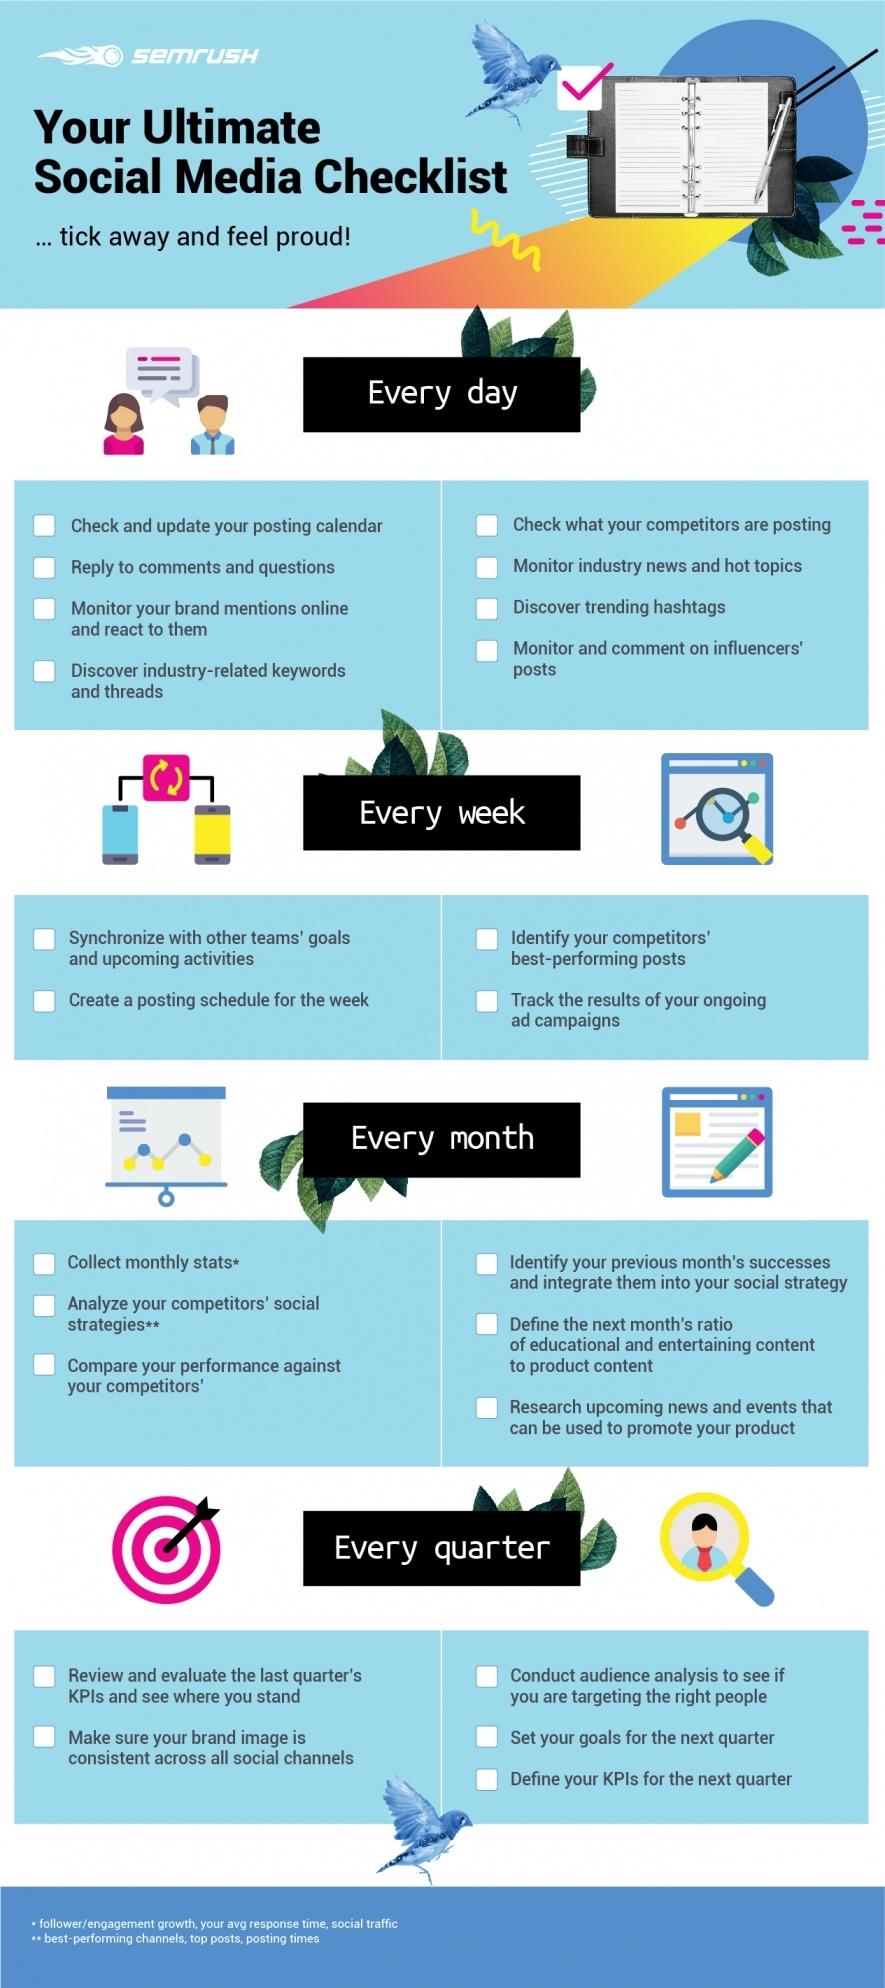 Your Ultimate Social Media Checklistsemrush regarding Social Media Content Weekly Schedule